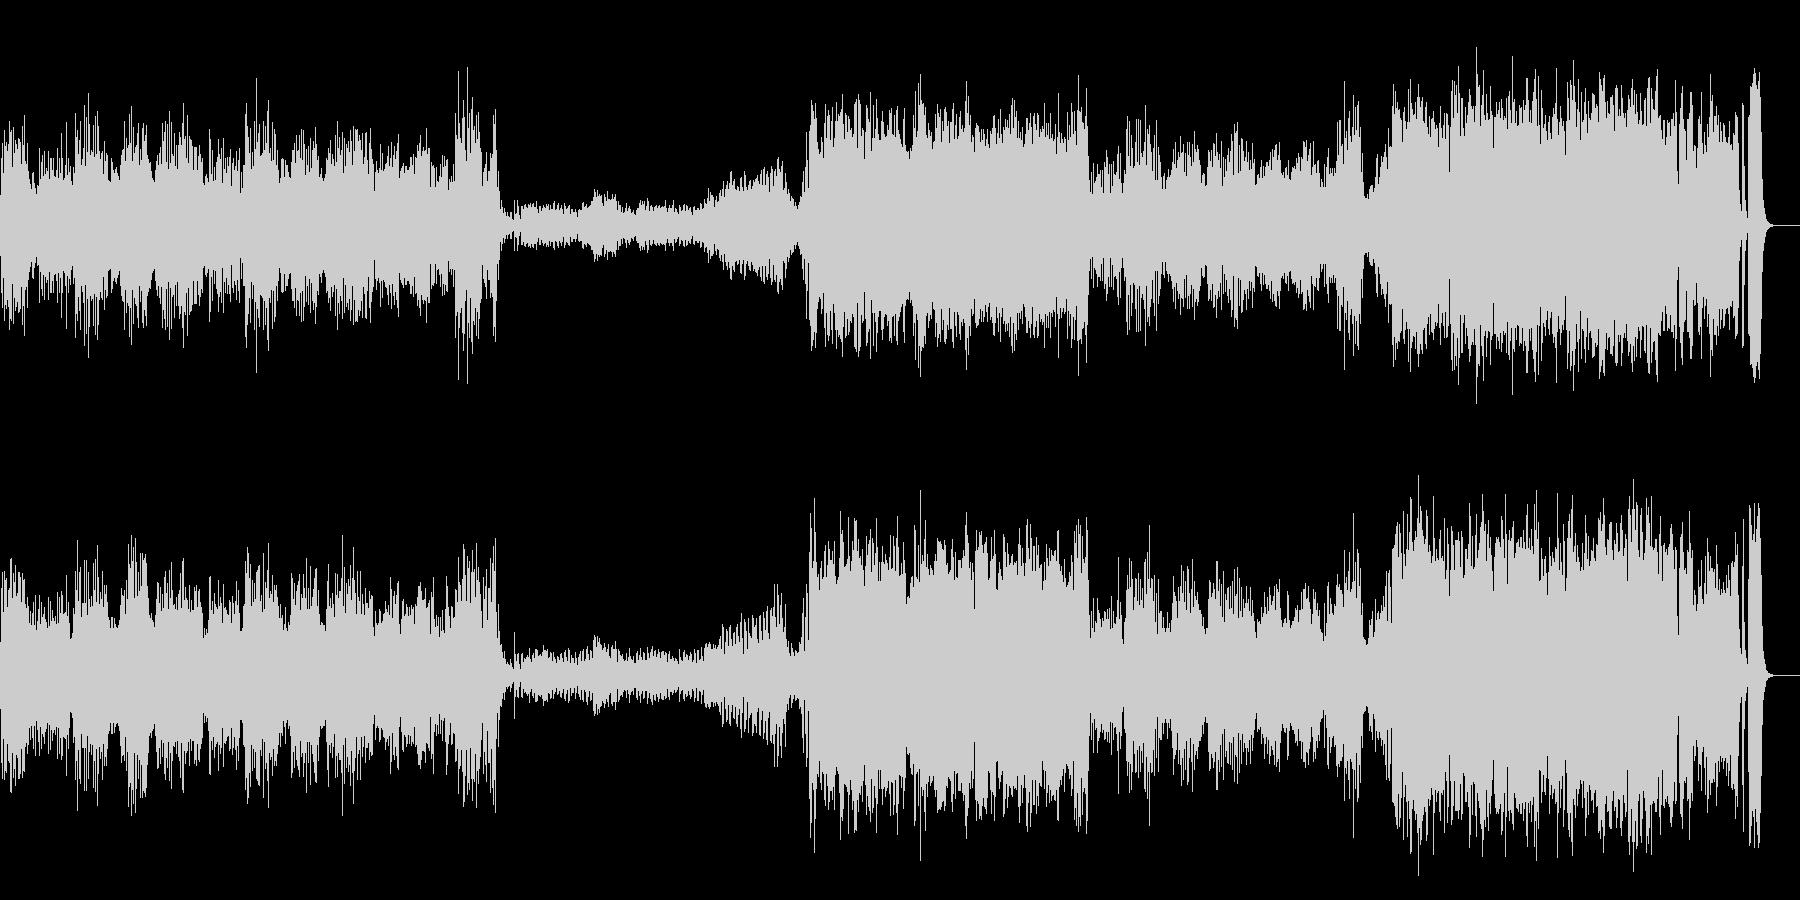 『威風堂々 』 第1番 オーケストラの未再生の波形